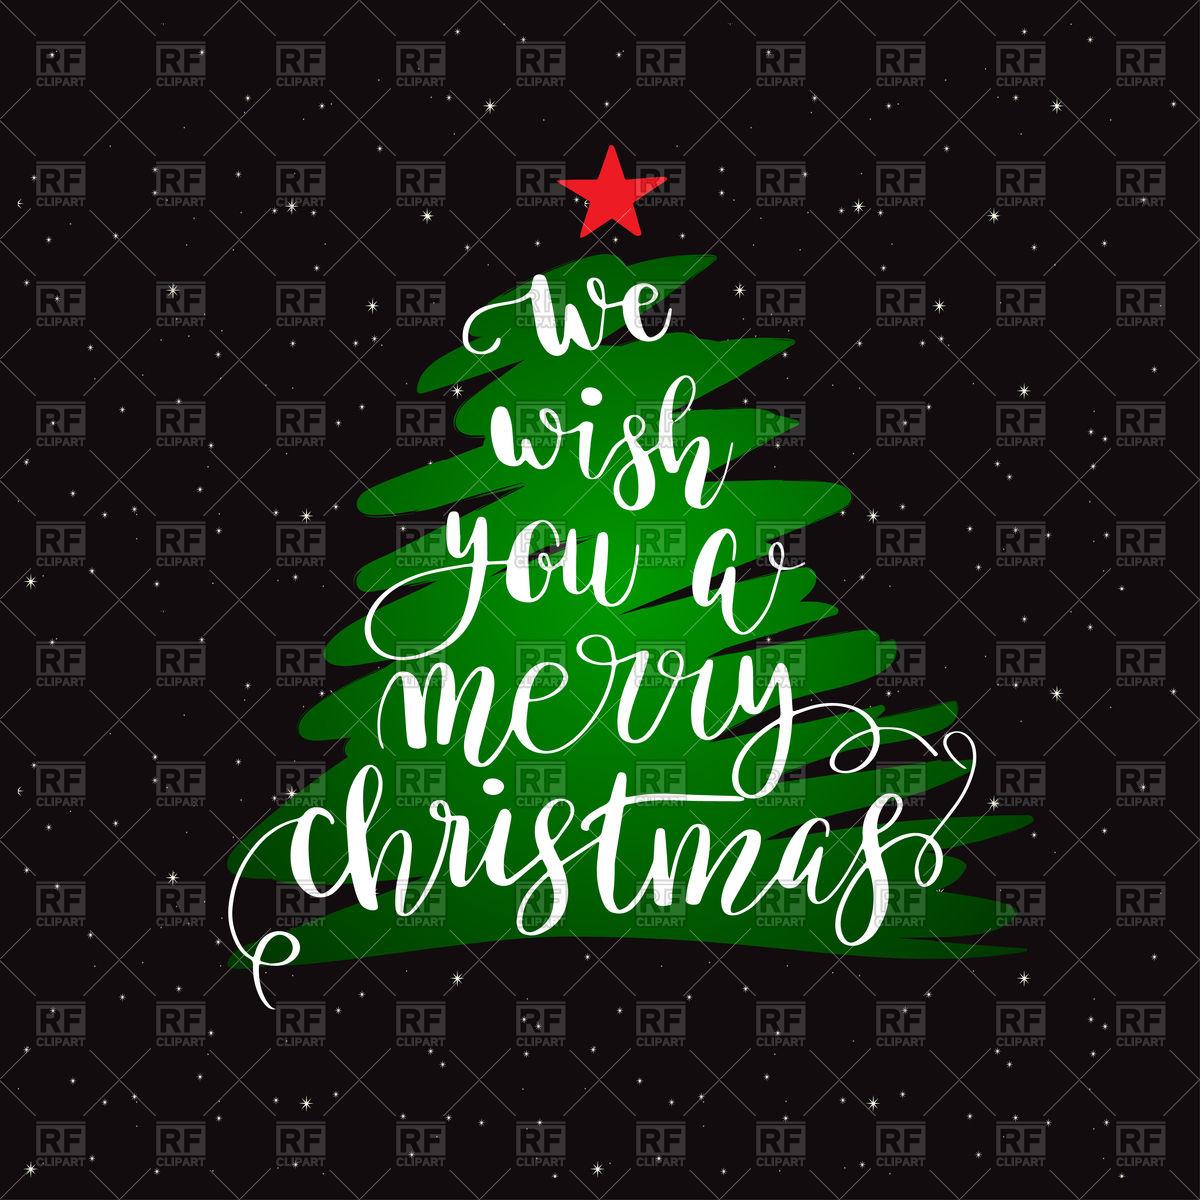 1200x1200 Christmas Card And Tree